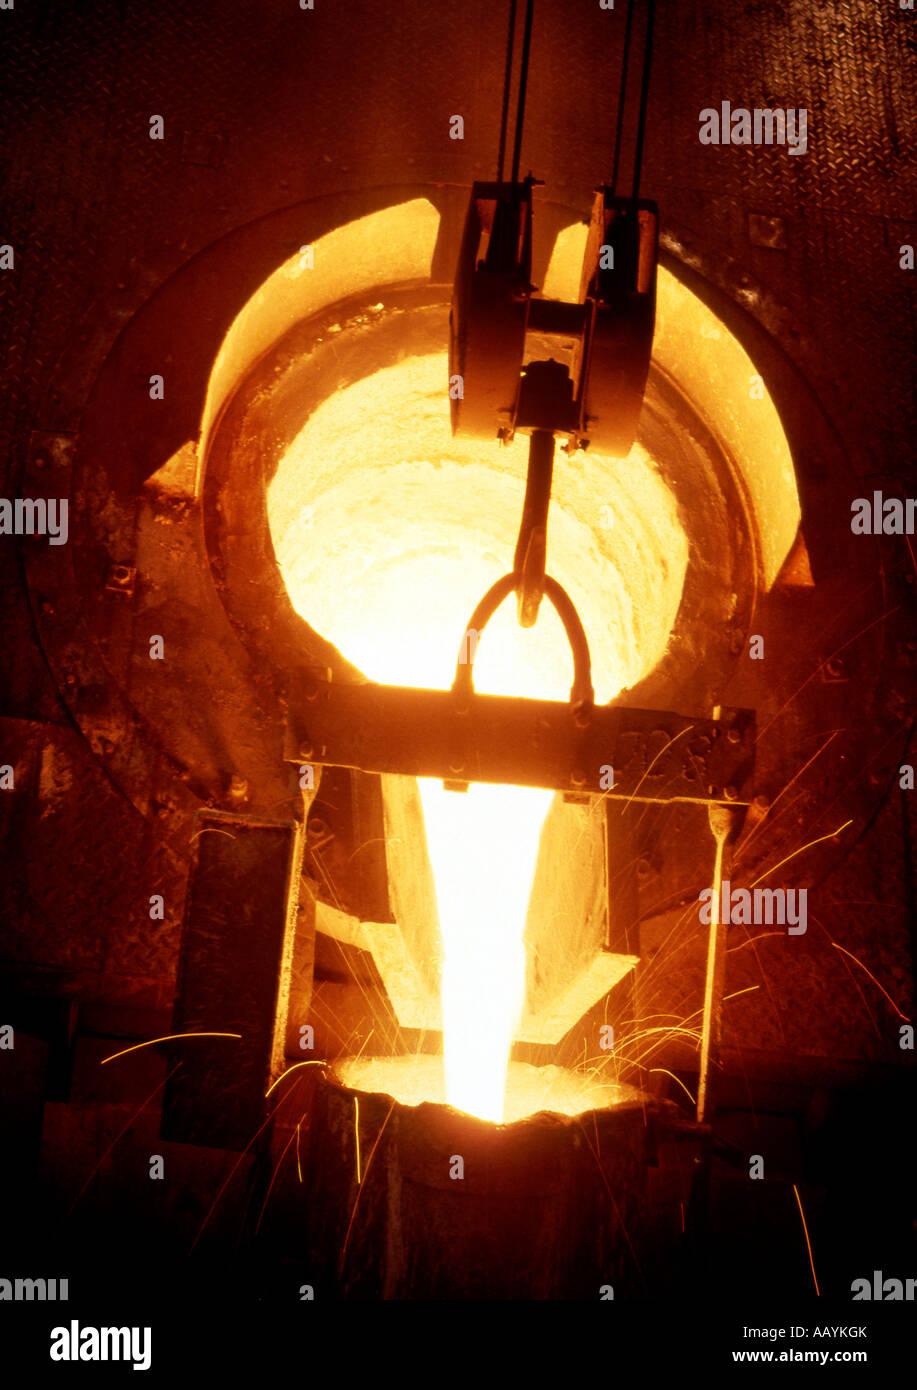 Ferramenta in acciaio e ferro Produzione Industria fabbrica maschiatura della Fonderia di ferro grezzo Immagini Stock